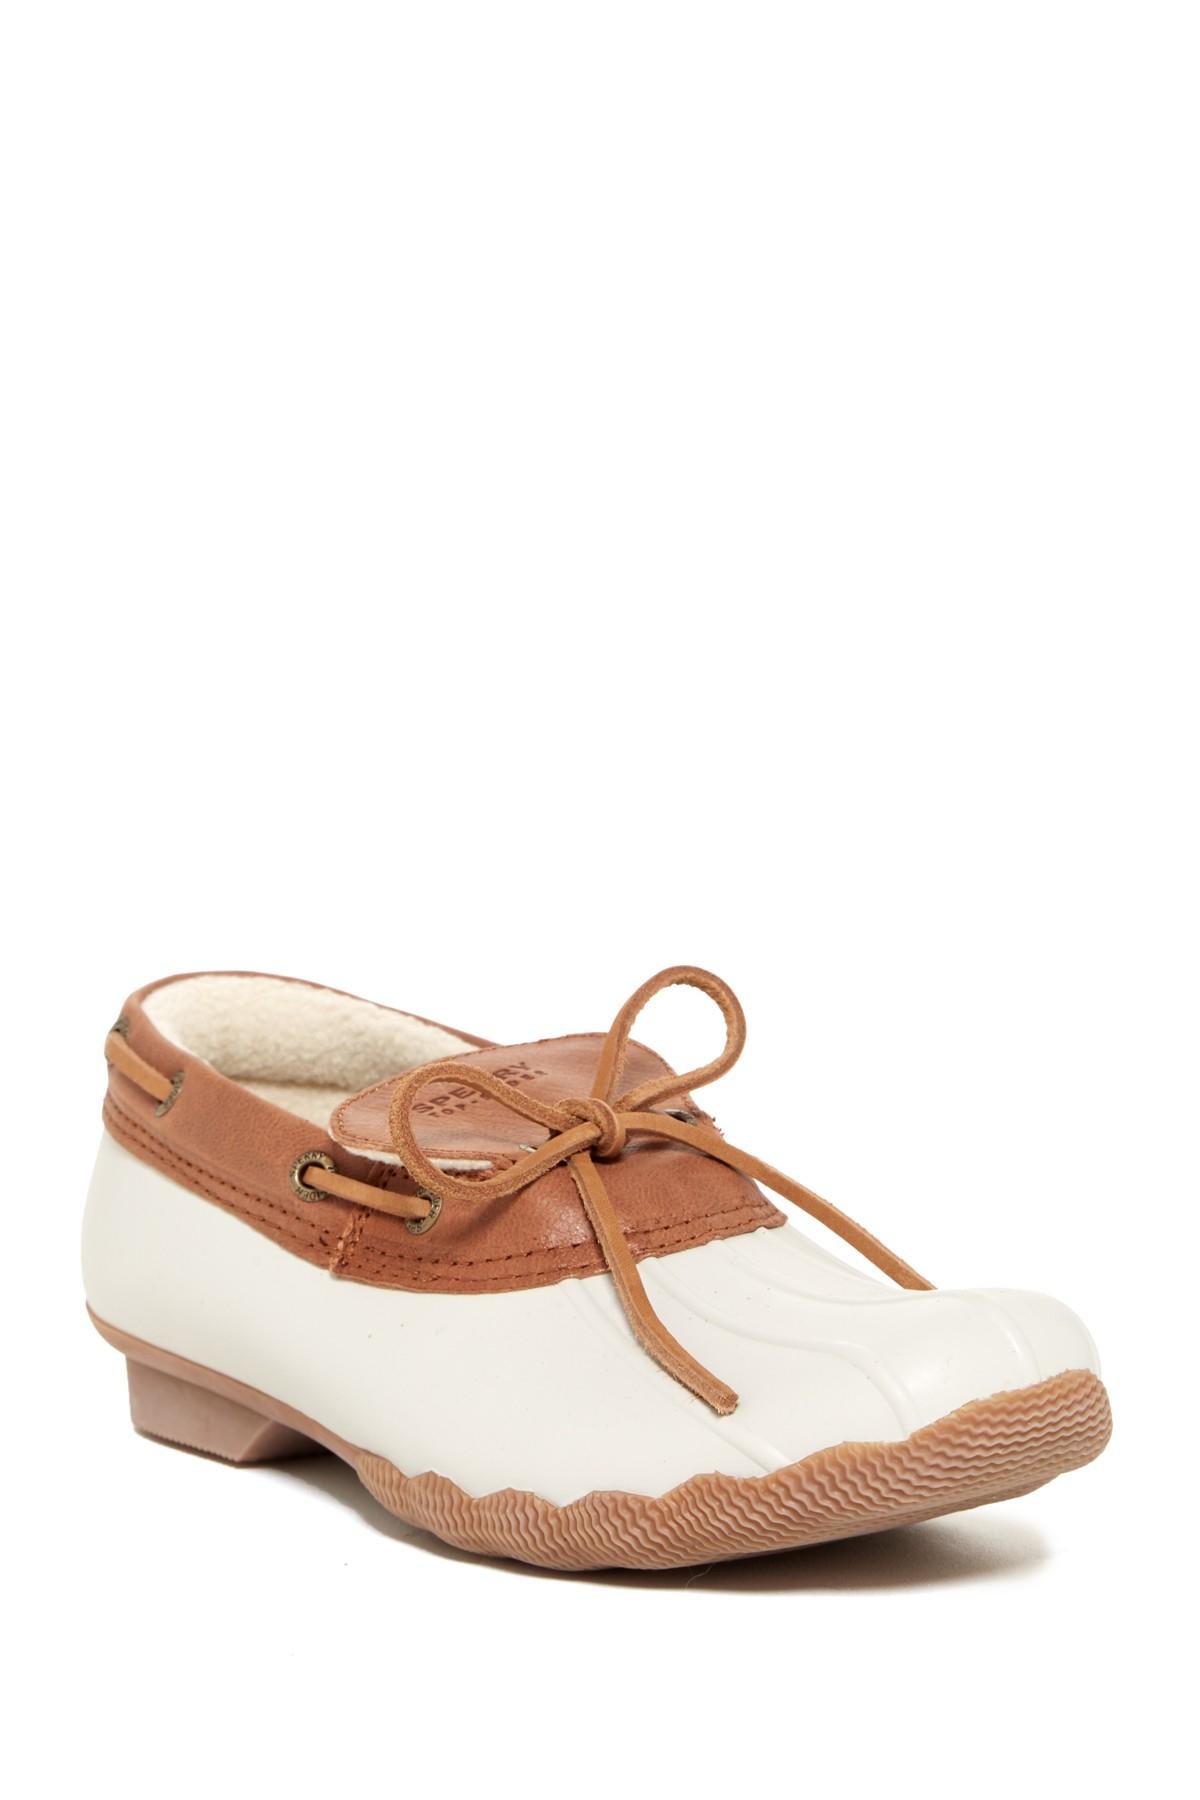 Asos Medium Shoe Size